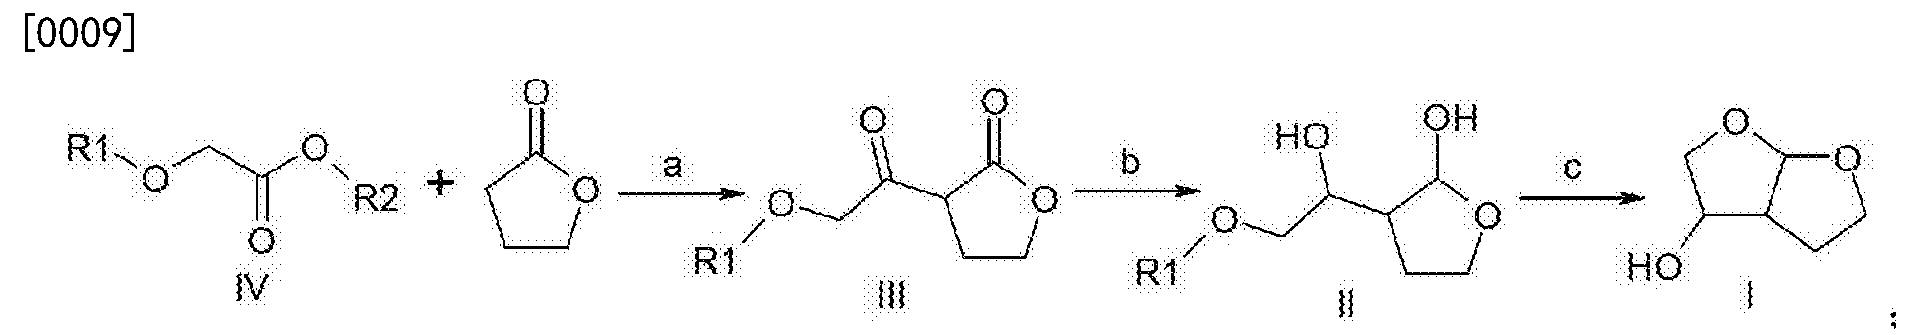 Figure CN103864813BD00041